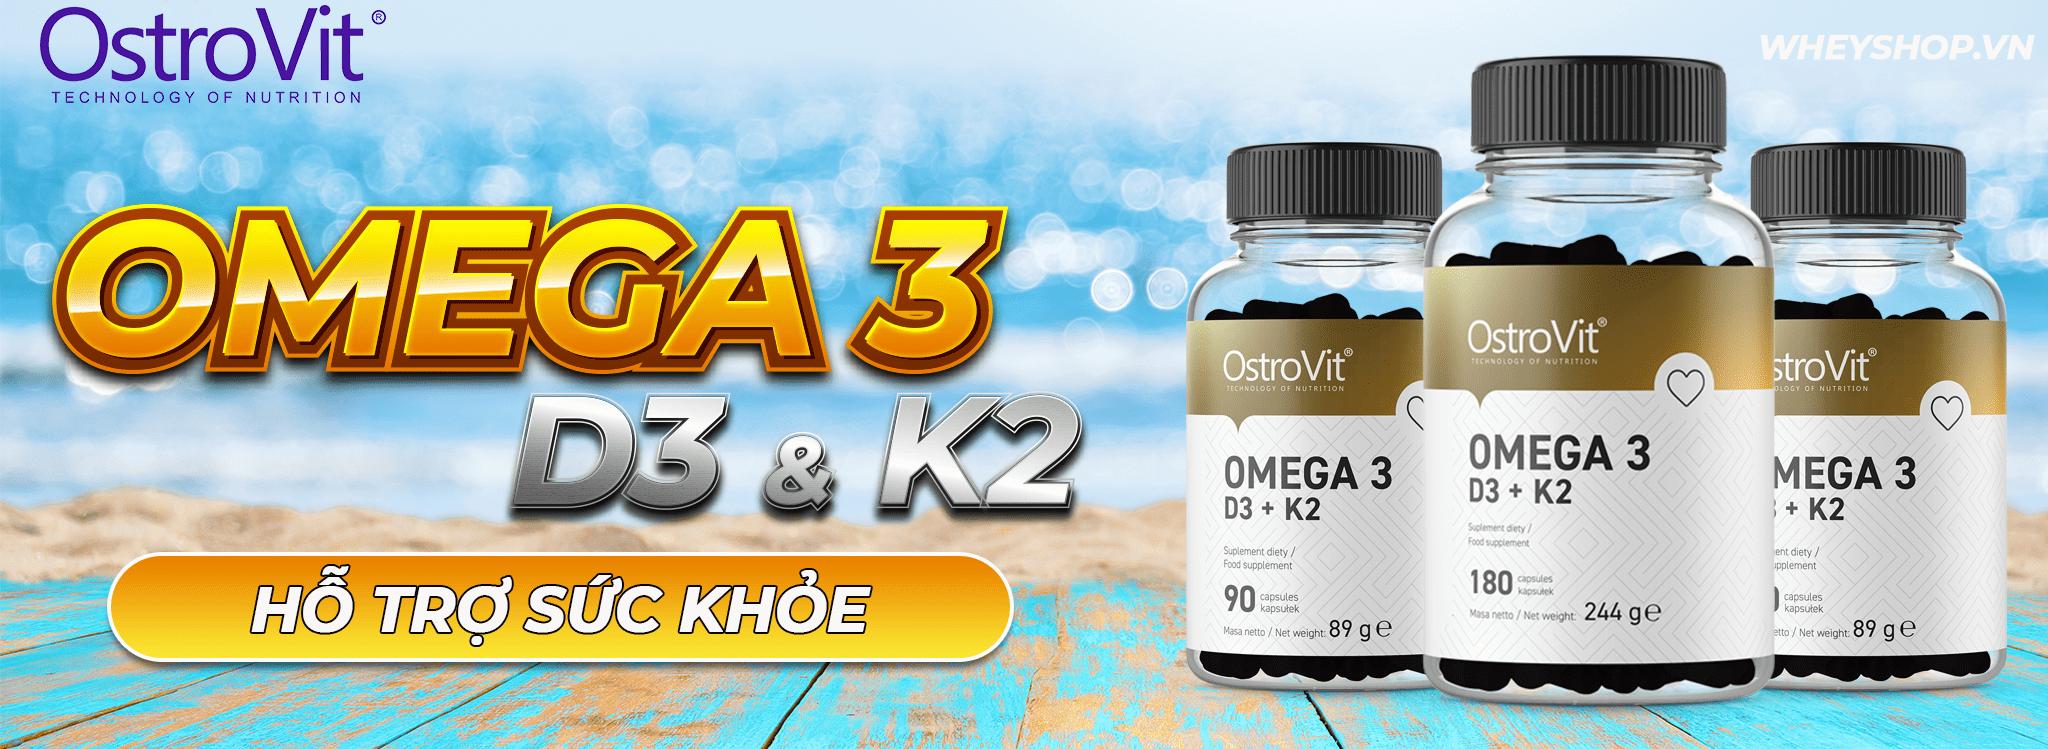 Ostrovit Omega-3 D3+K2 (90 viên) là công thức tổng hợp 3 trong 1 hỗ trợ phát triển sức khỏe toàn diện bao gồm: tim mạch, xương khớp, não bộ,...